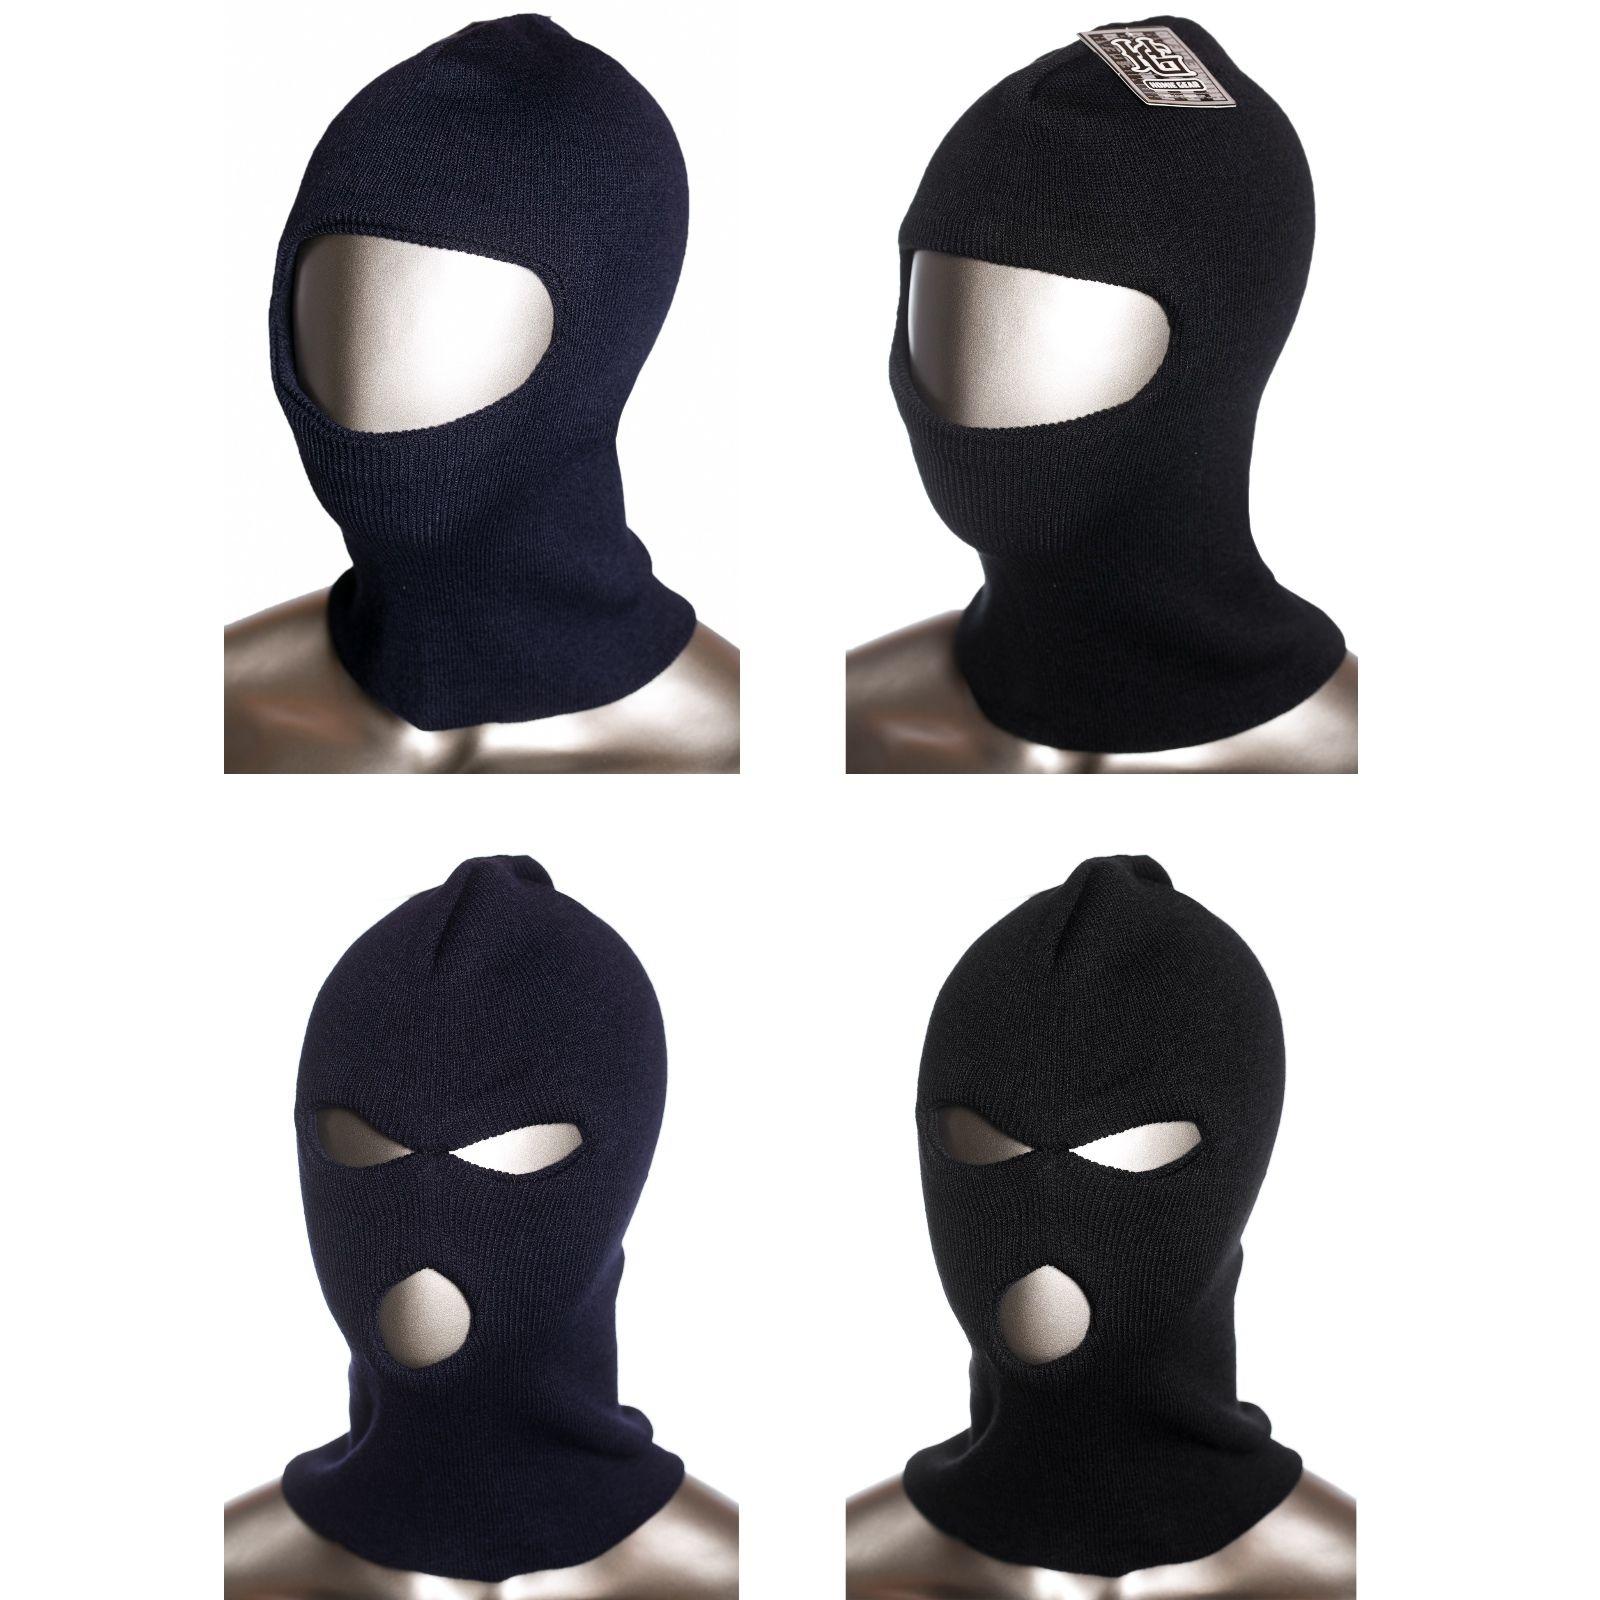 HG Motorcycle Ski Mask $1.99 @Ebay +FS